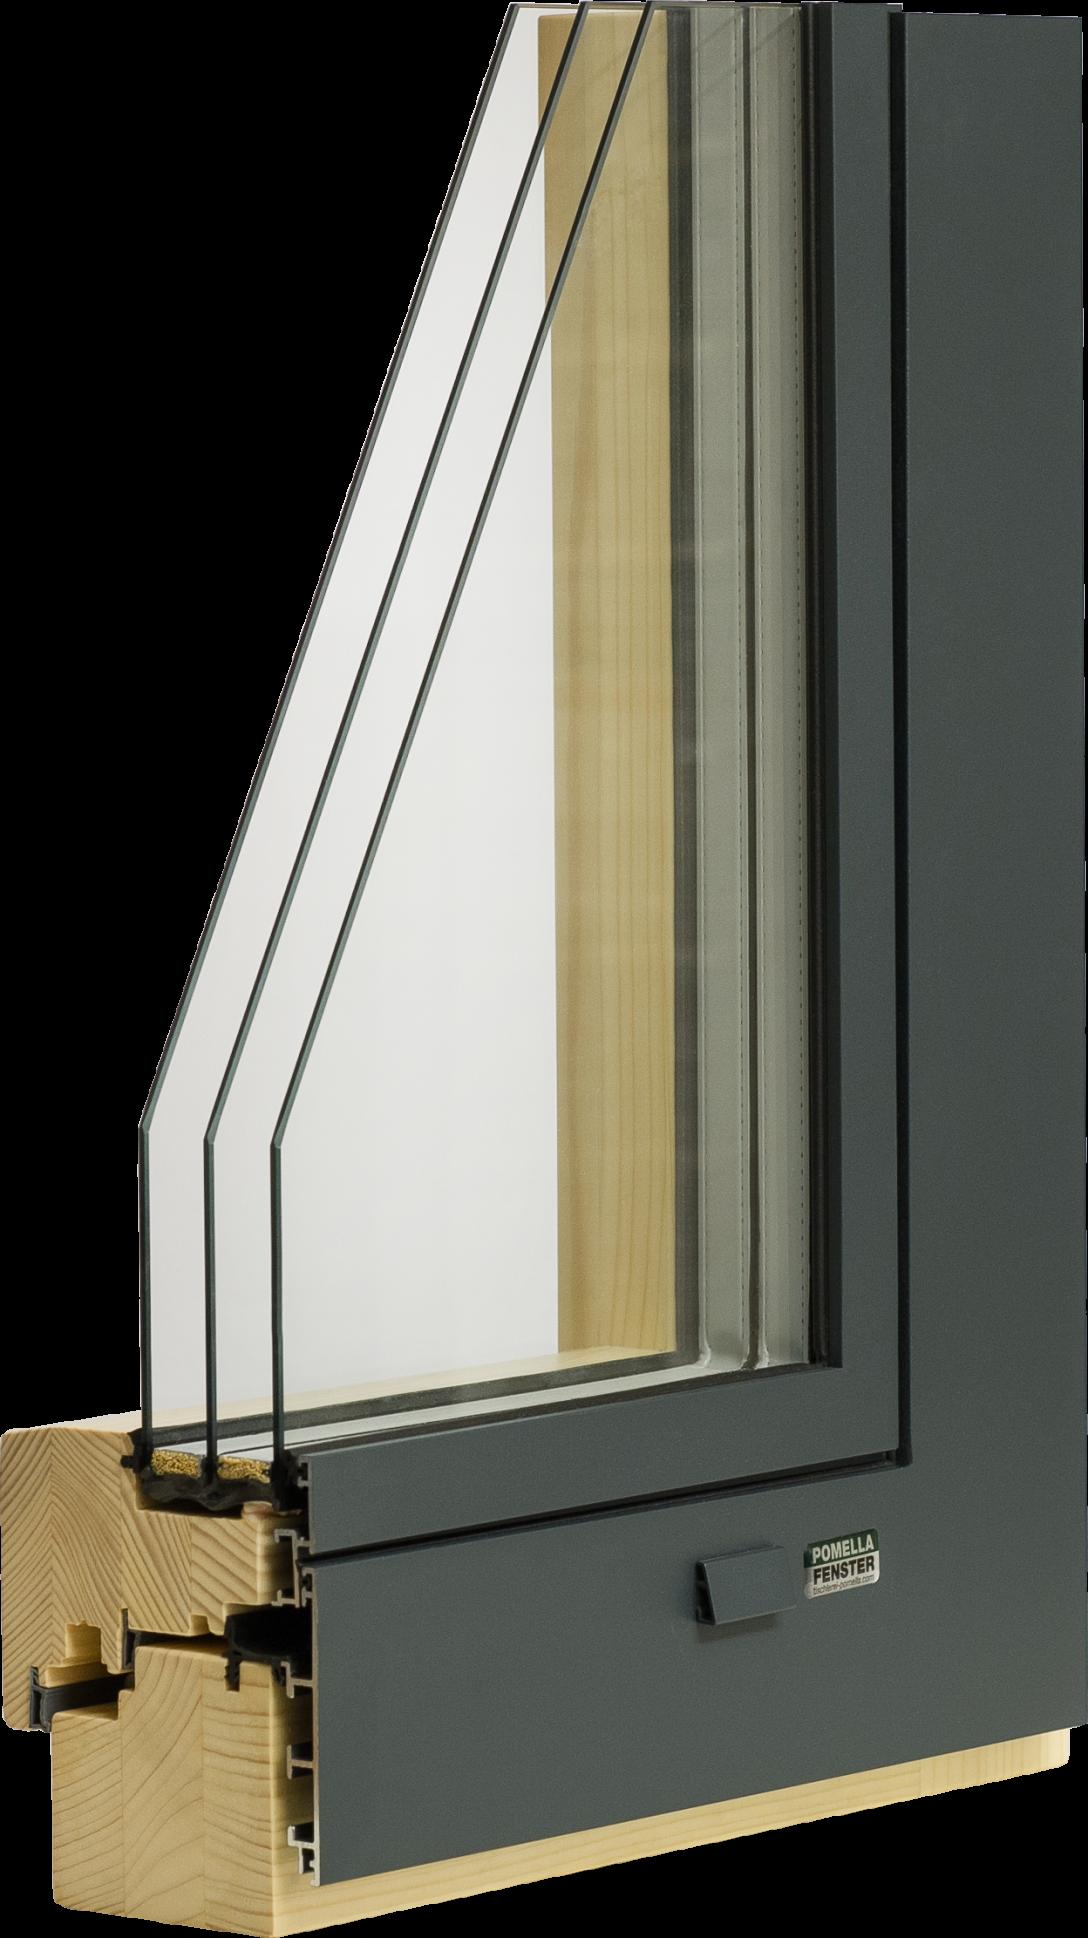 Large Size of Fenster Holz Alu Preisvergleich Kosten Pro Qm Kostenvergleich Kunststoff Holz Alu Preis Kaufen Aluminium Preisunterschied Preise Hersteller Preisliste Mit 3 Fenster Fenster Holz Alu